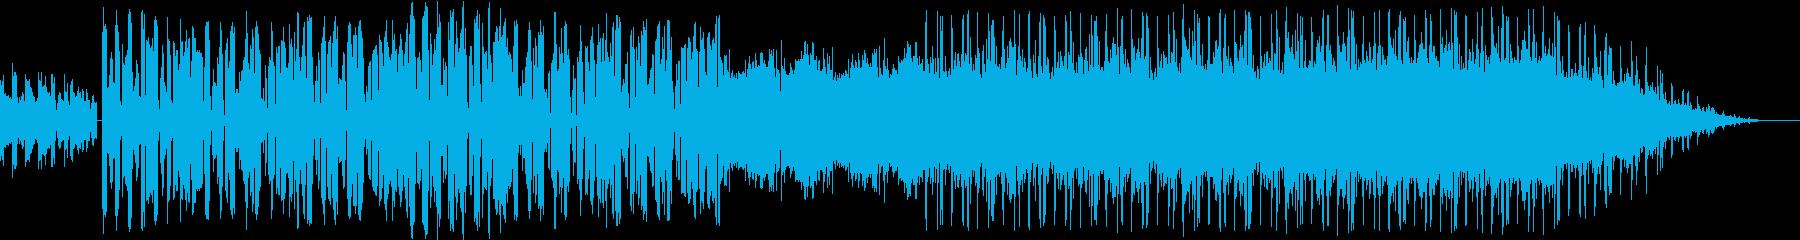 クリスマスの雰囲気のエレクトロポップの再生済みの波形